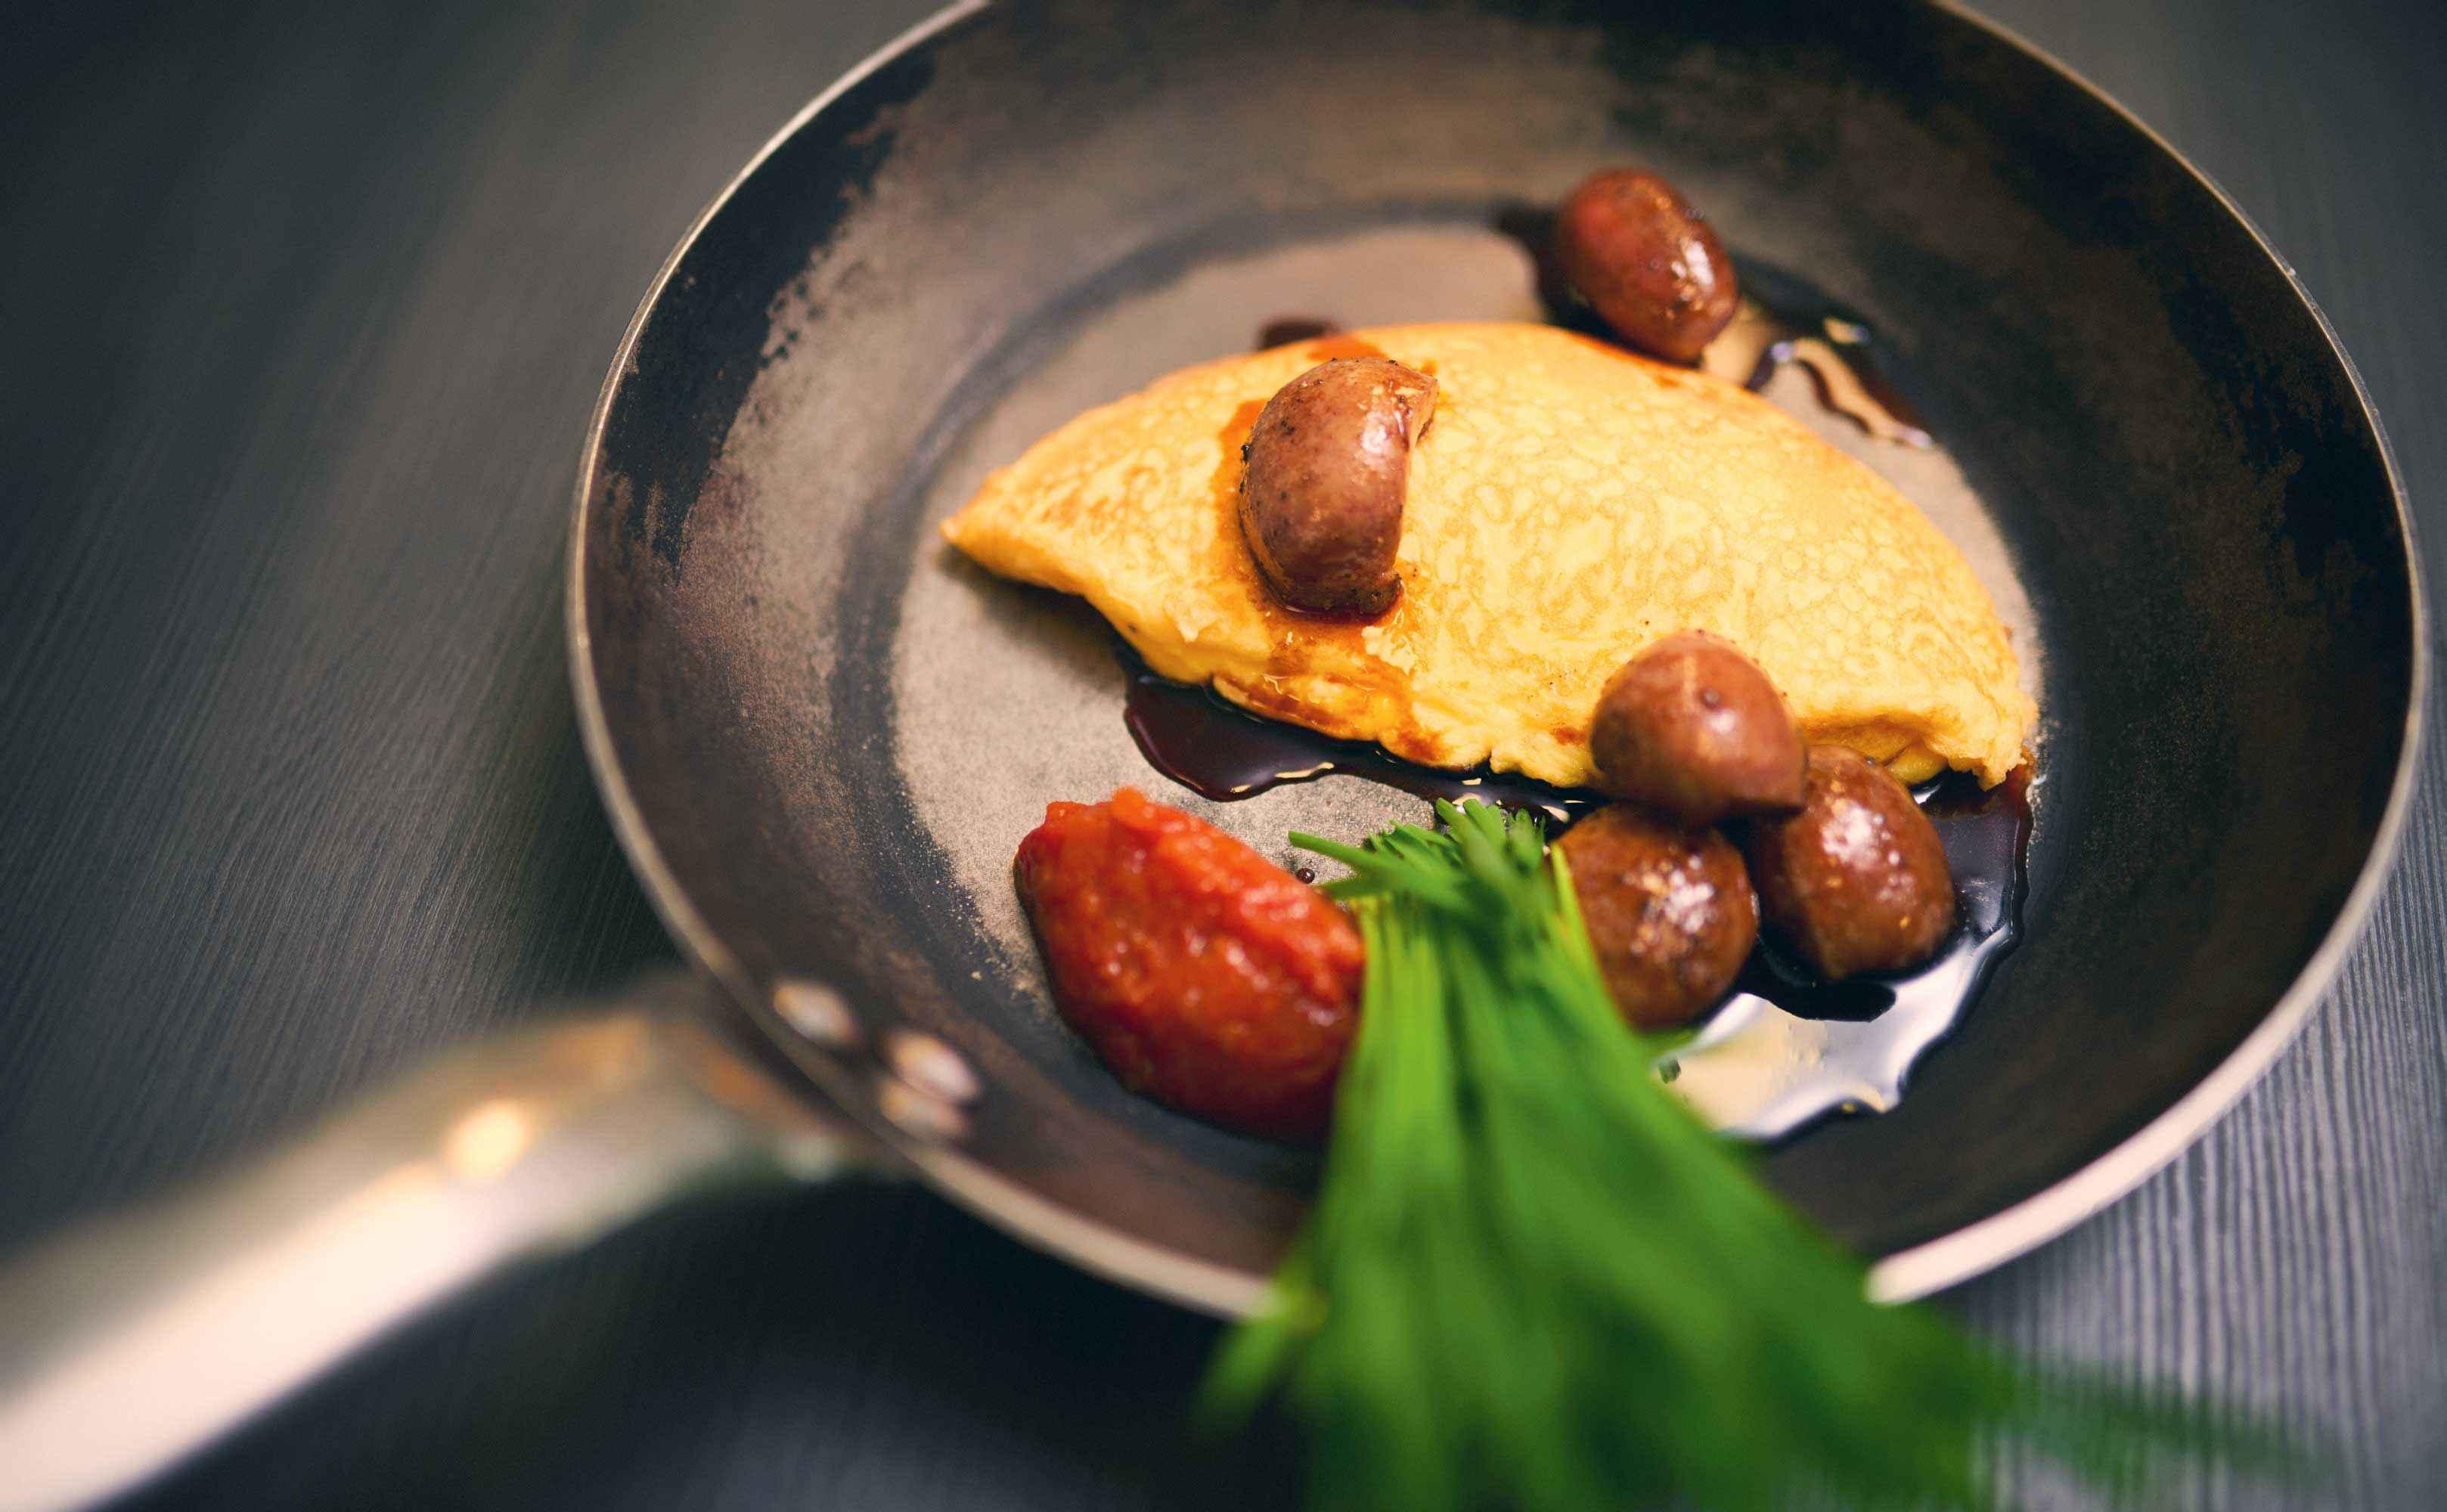 Rezept für Glacierte Kalbsnieren mit Mosto Cotto, Omelette und Weizengras